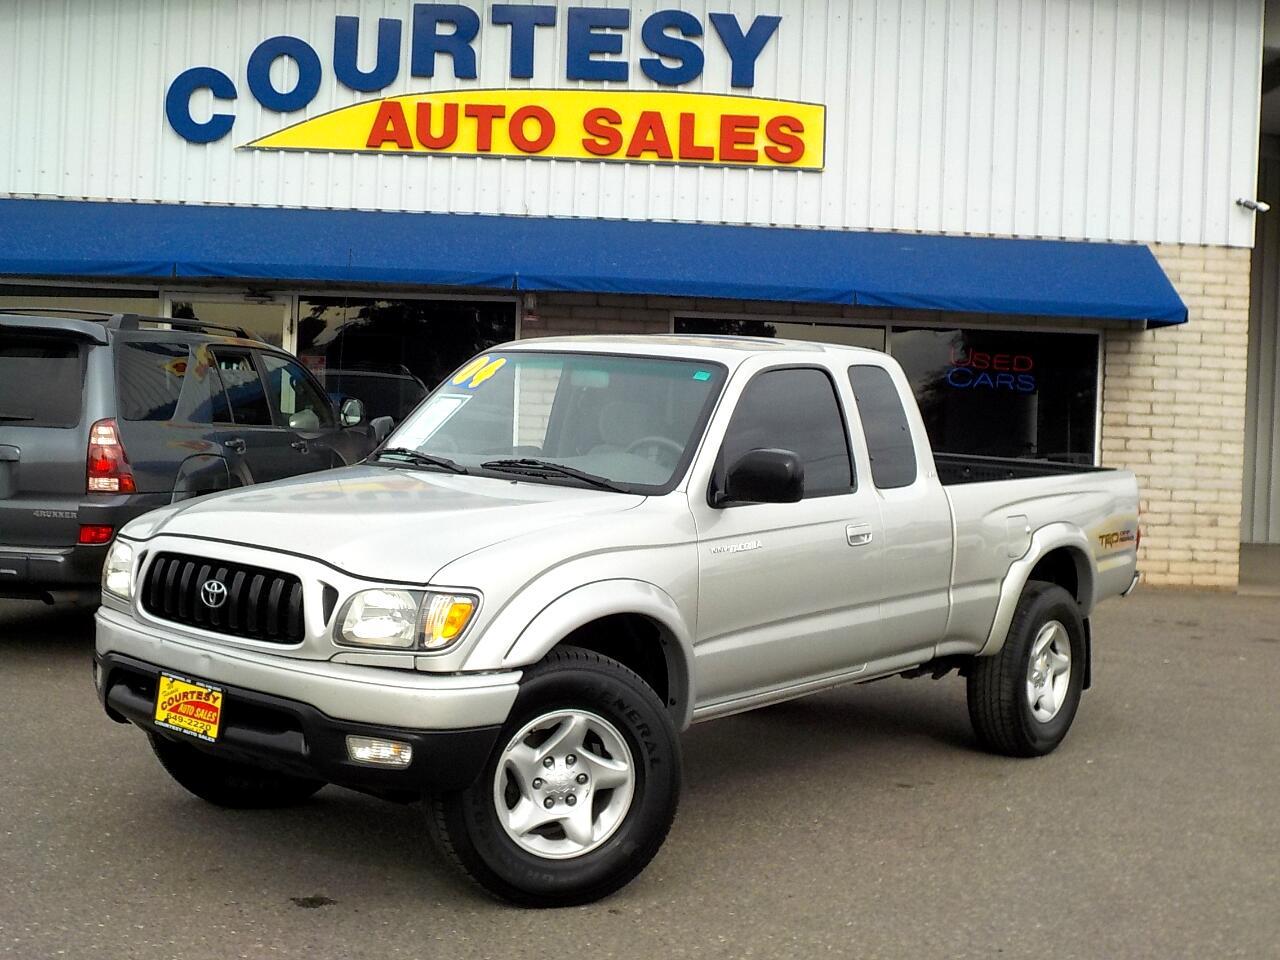 2004 Toyota Tacoma XtraCab V6 Auto 4WD